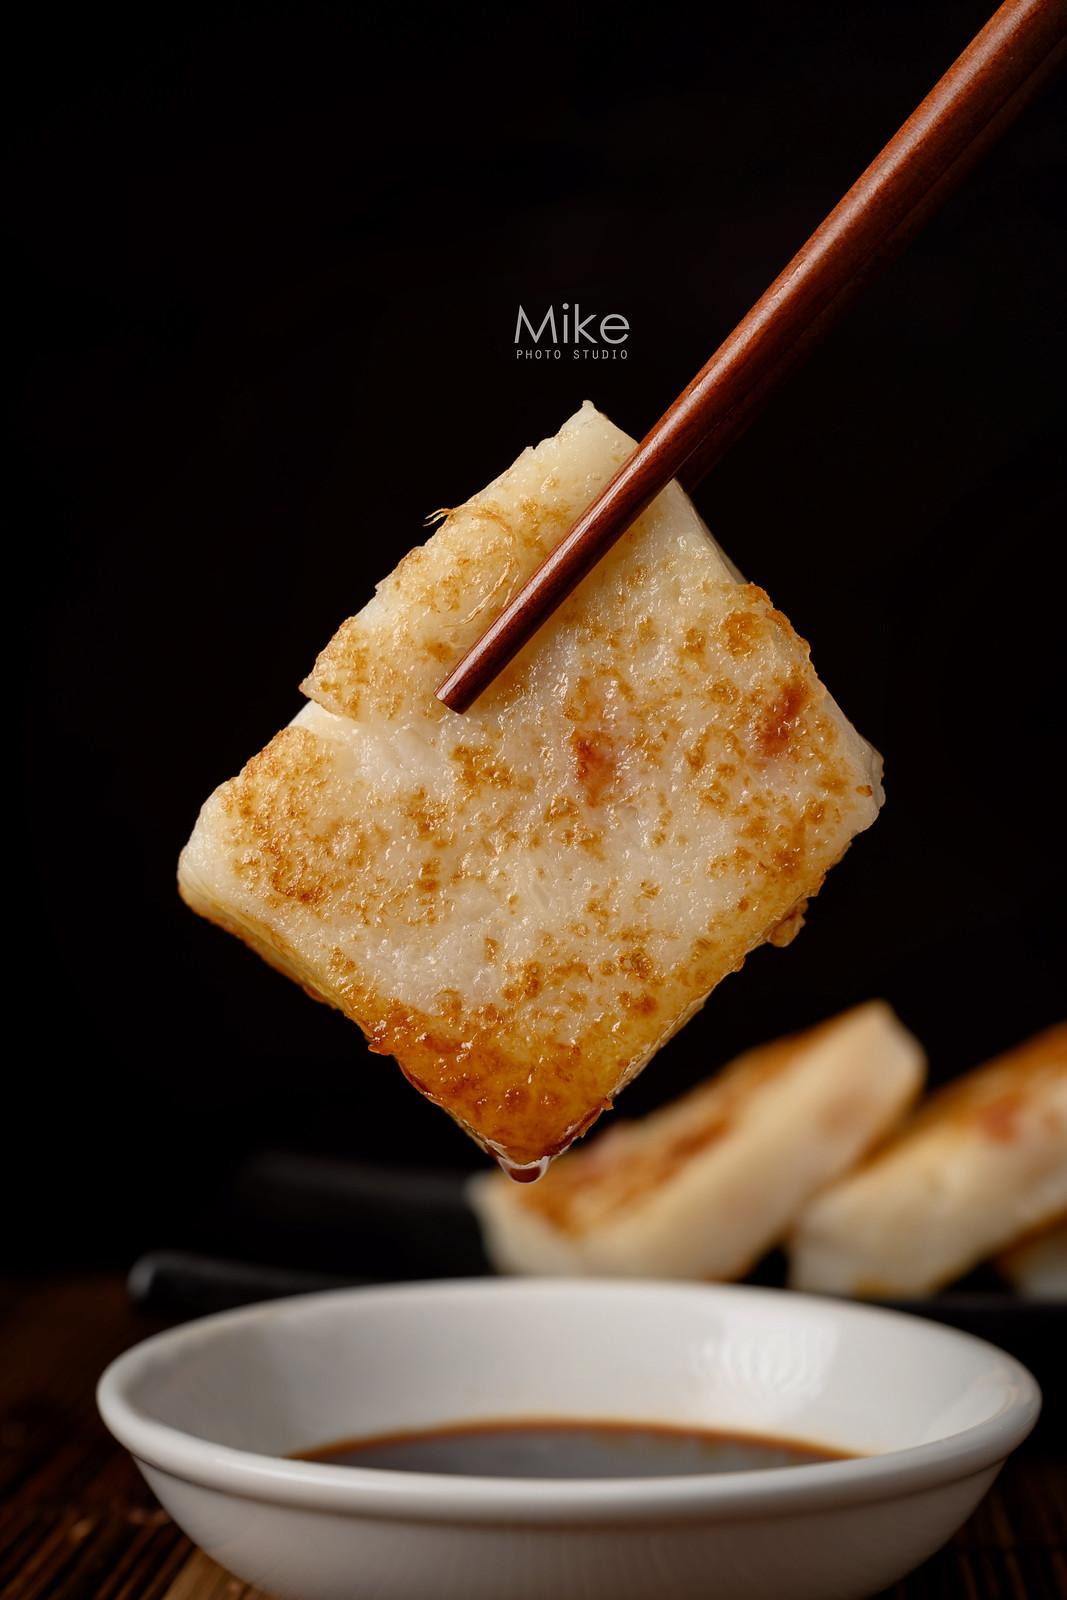 """""""食品形象,食物攝影,蘿蔔糕攝影,肉粽攝影,商品攝影,台北商攝推薦,北部商攝推薦,產品攝影,商業攝影,商品攝影教學,婚攝Mike"""""""